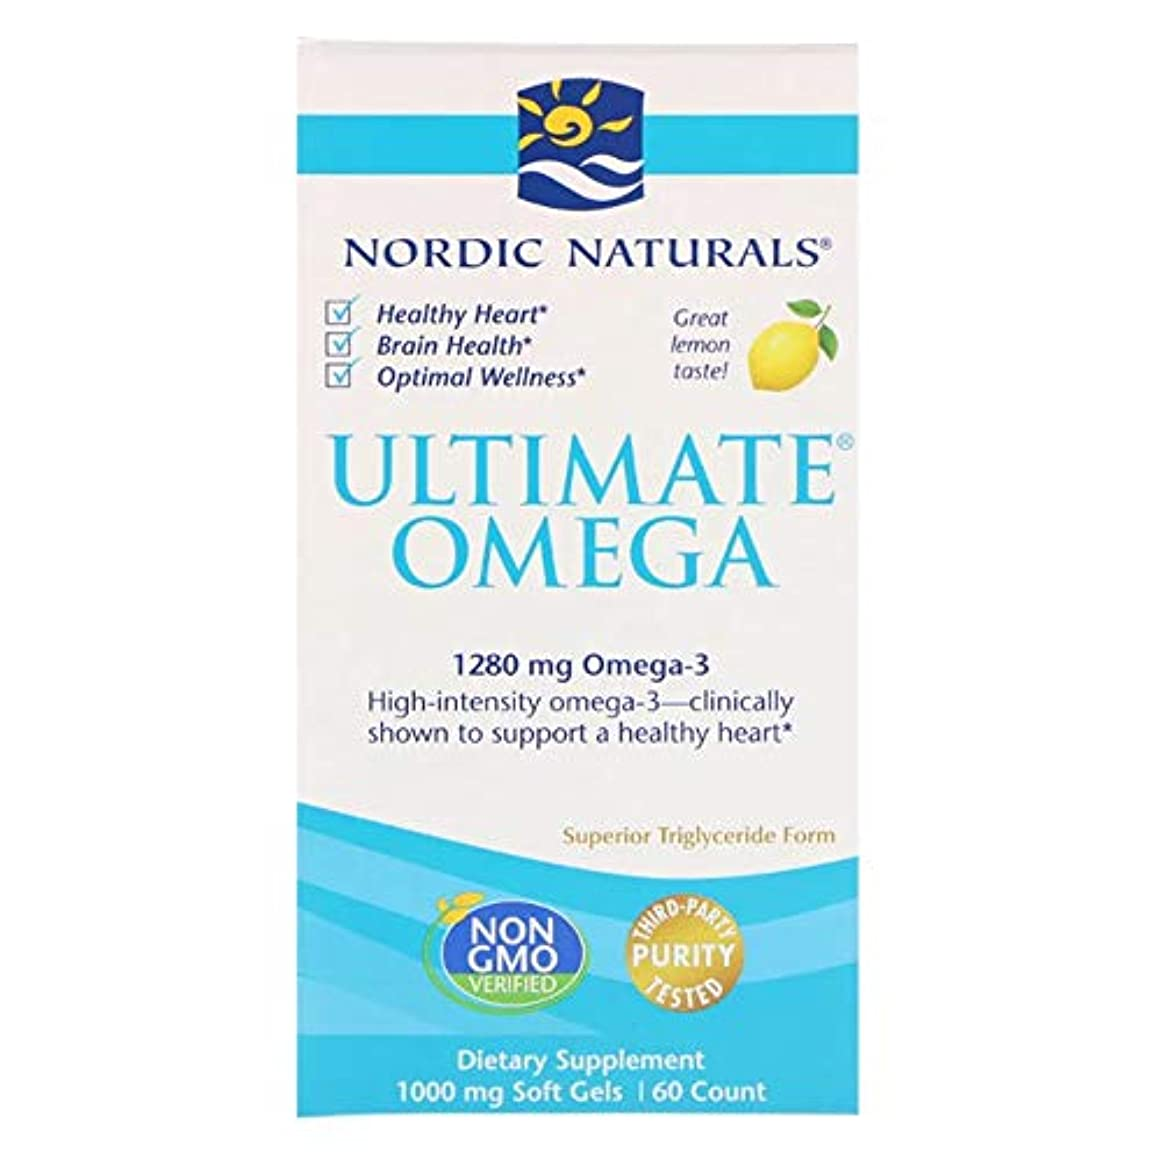 アトム代わりにシミュレートするNordic Naturals 究極のオメガ レモン 1280 mg 60ソフトゼリー 【アメリカ直送】